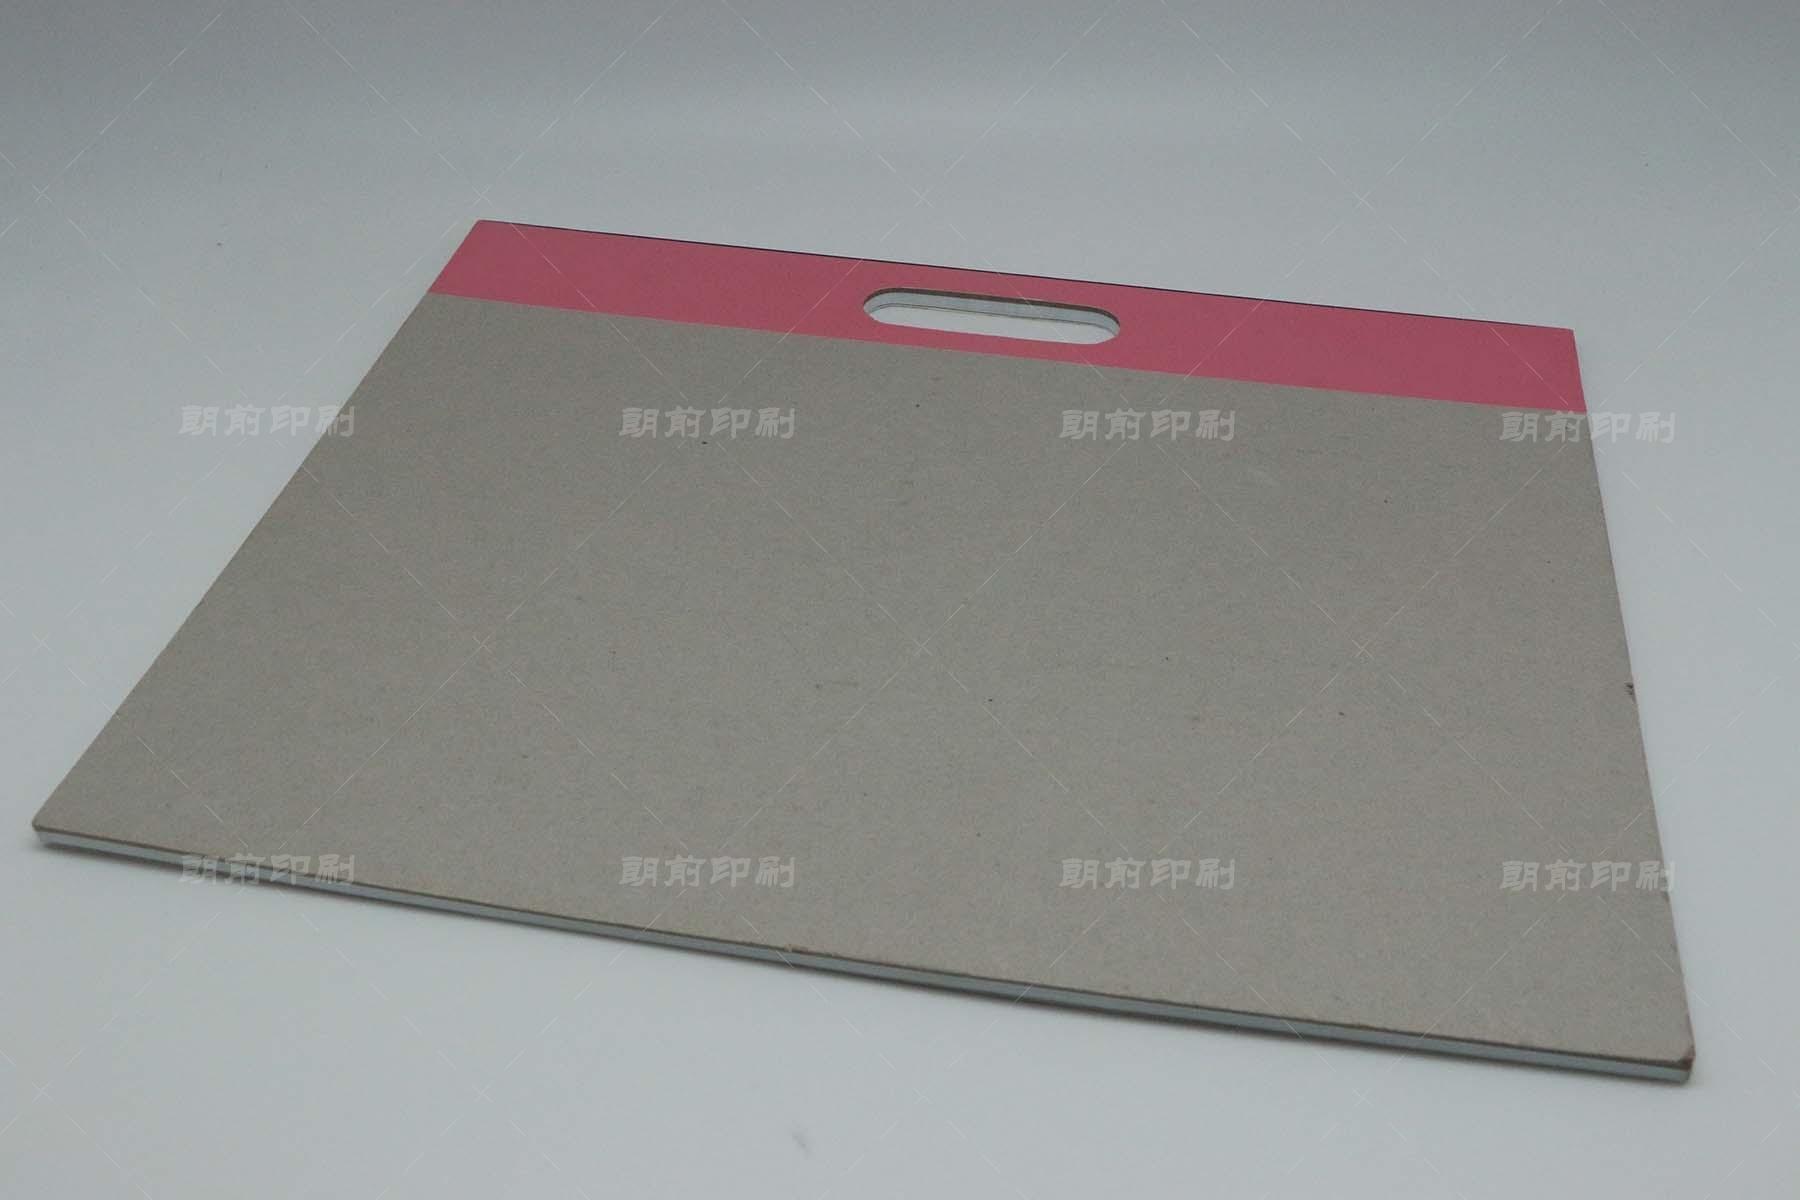 广州印刷企业画册报价